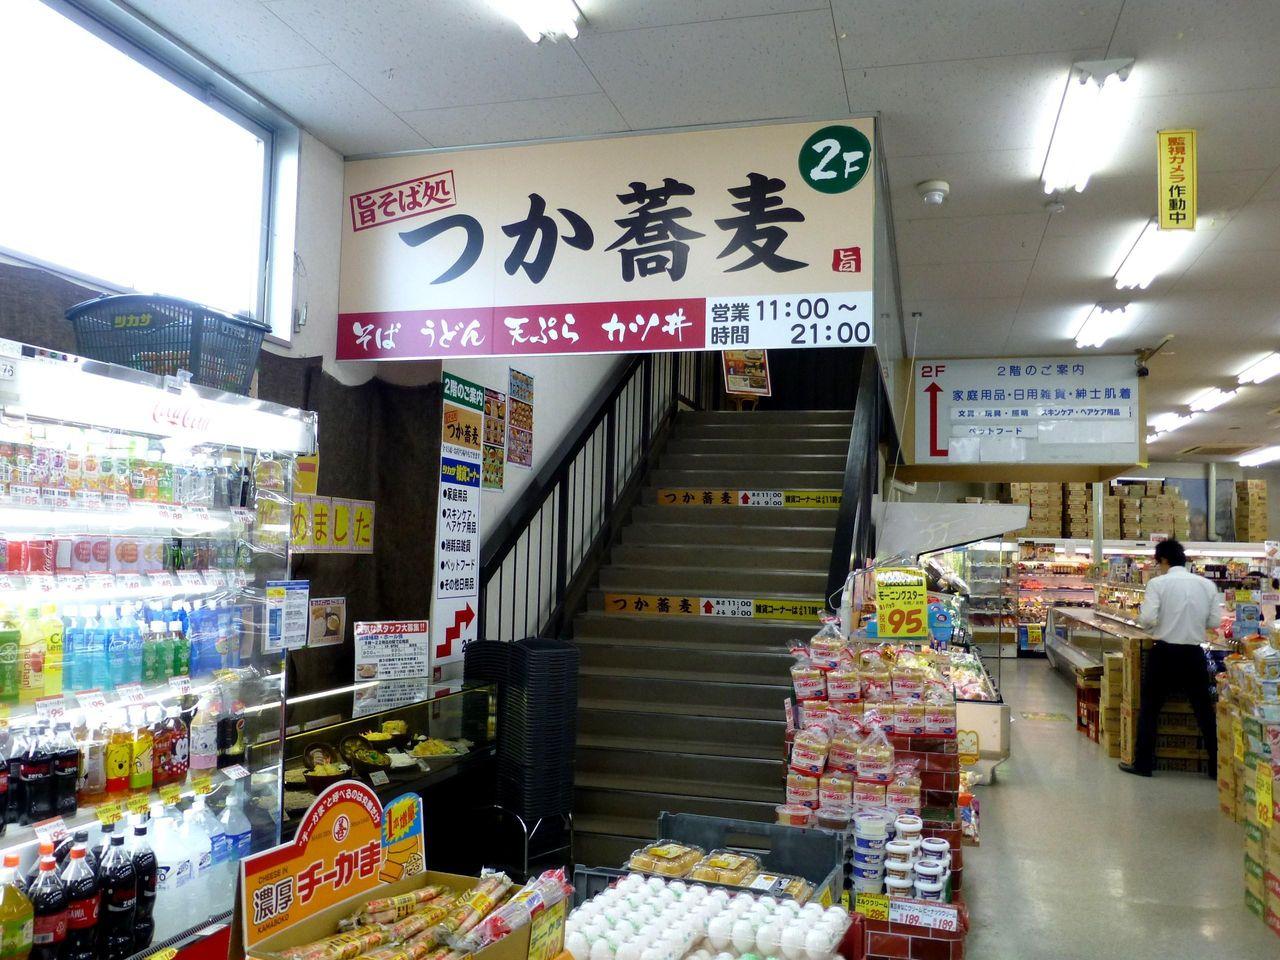 店内の階段を2階に上がると、つか蕎麦があります!